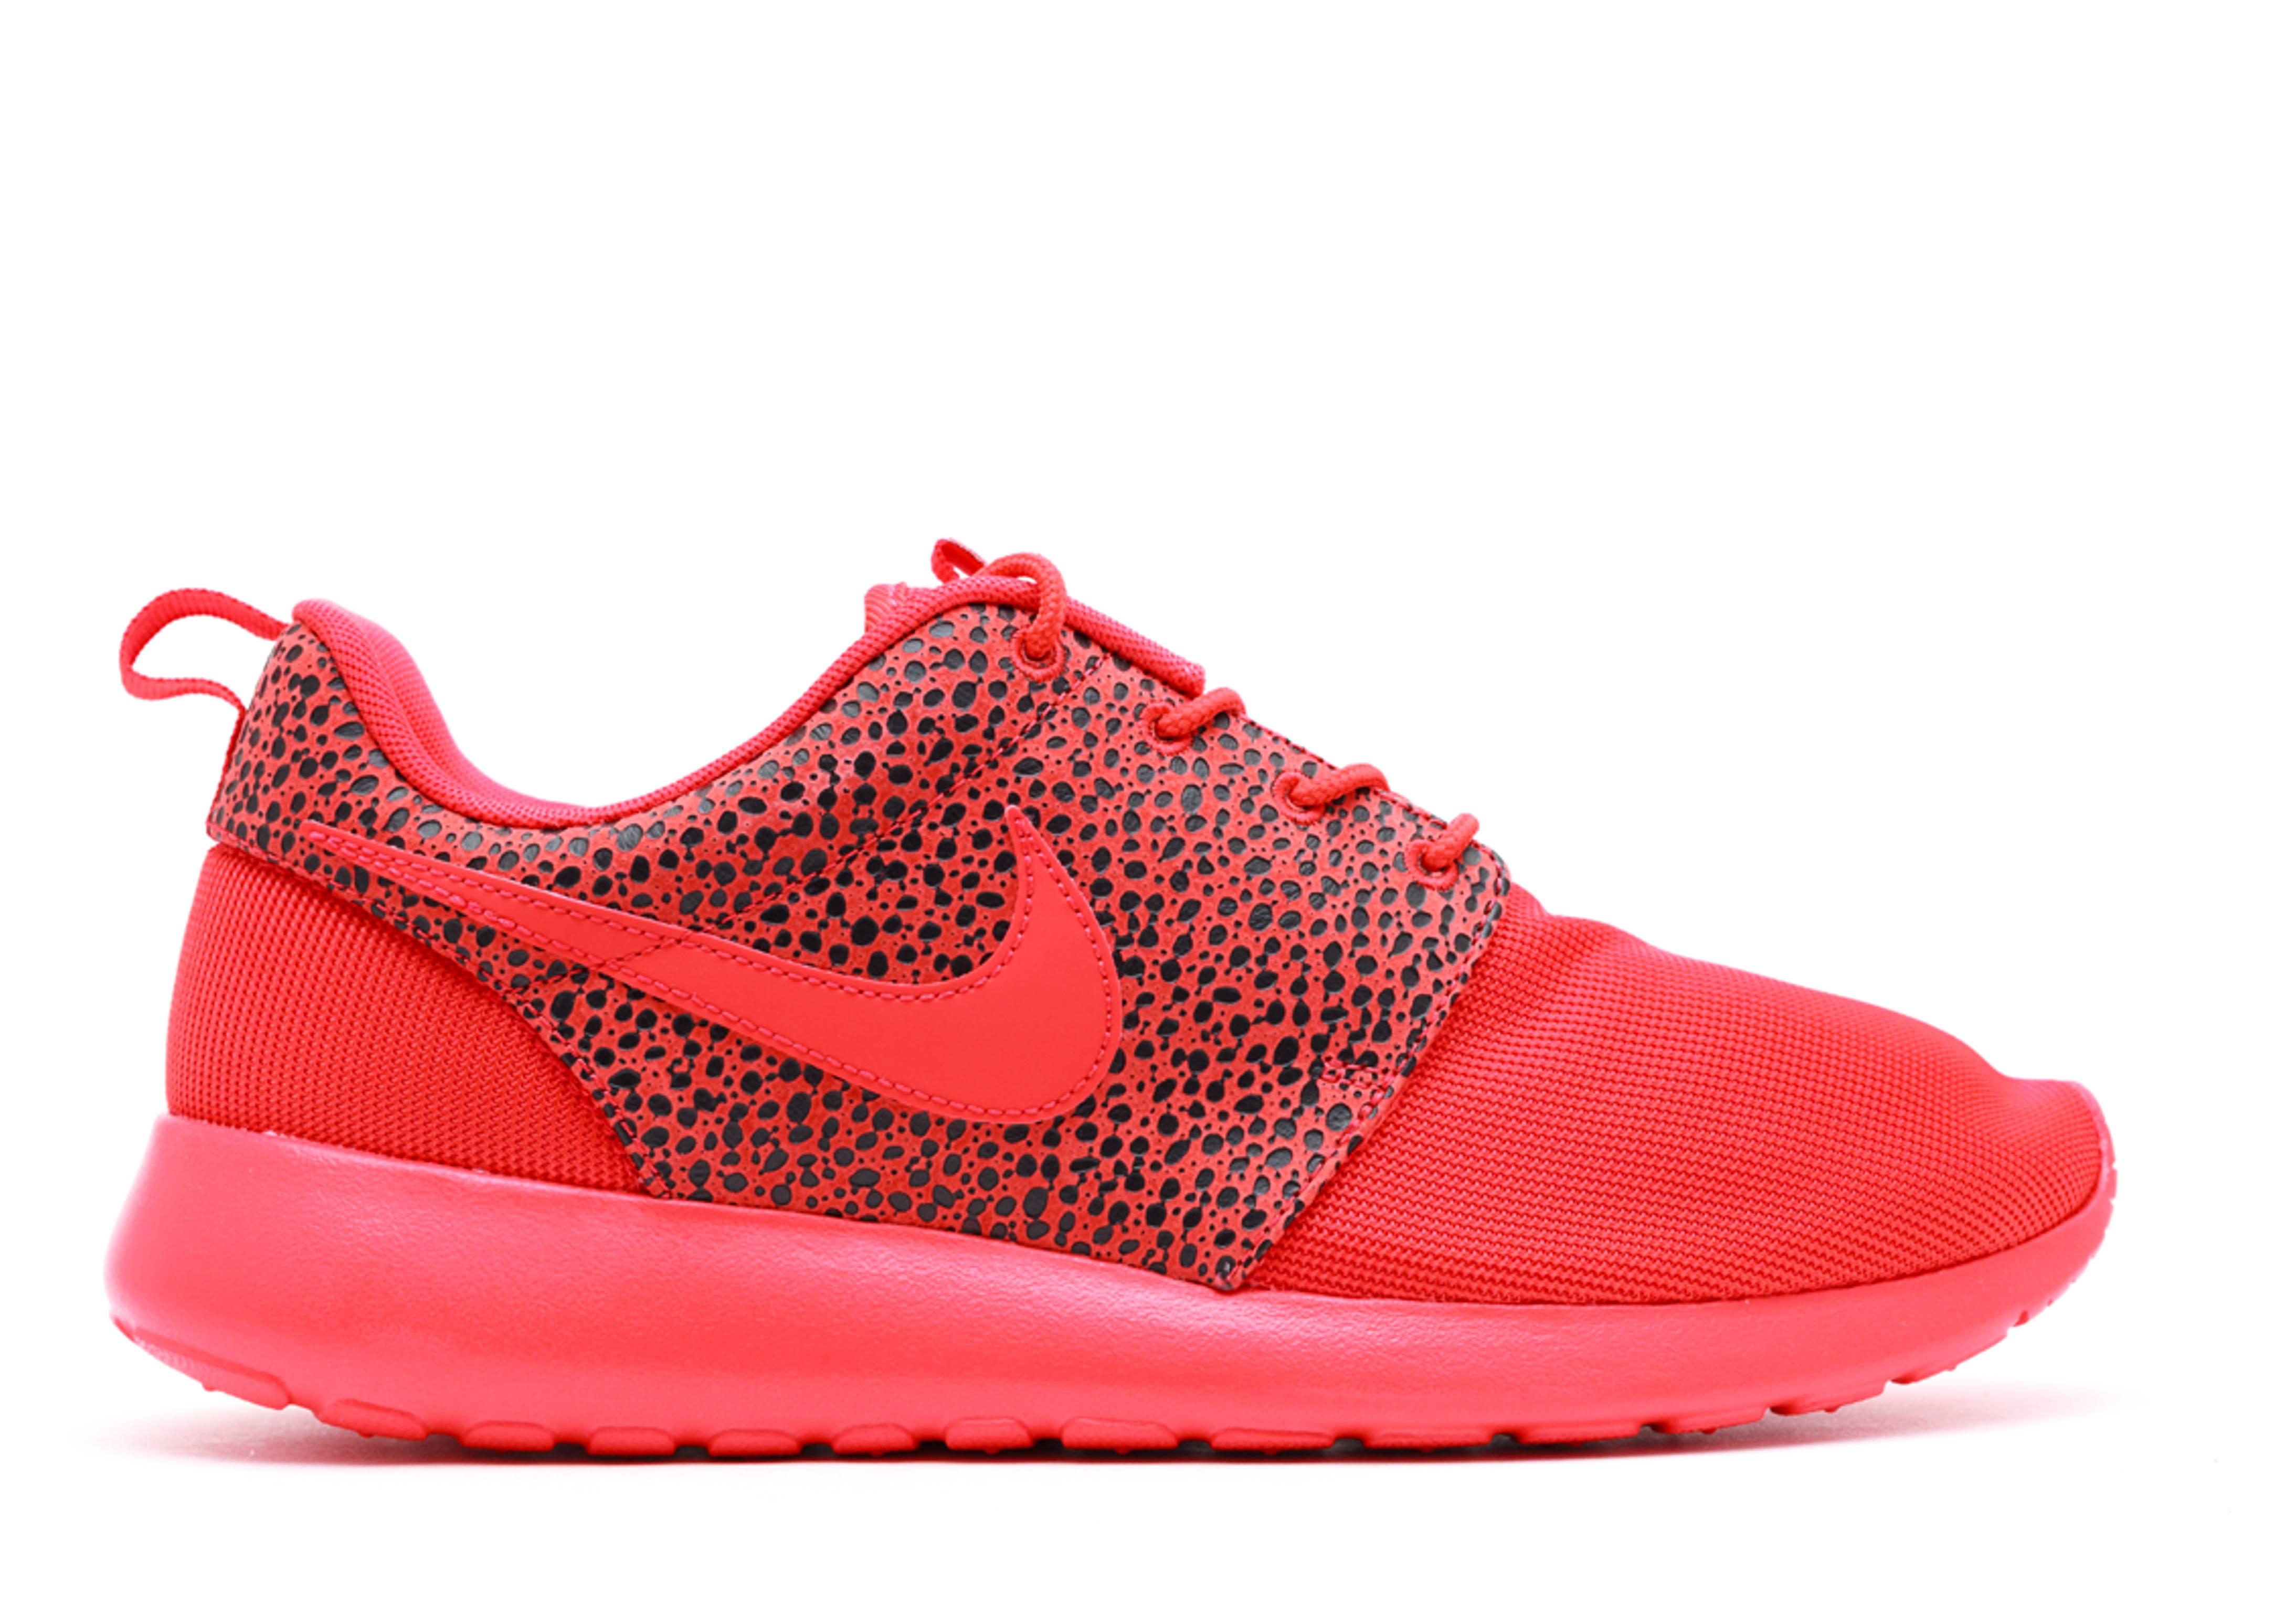 nike roshe run premium red safari hat